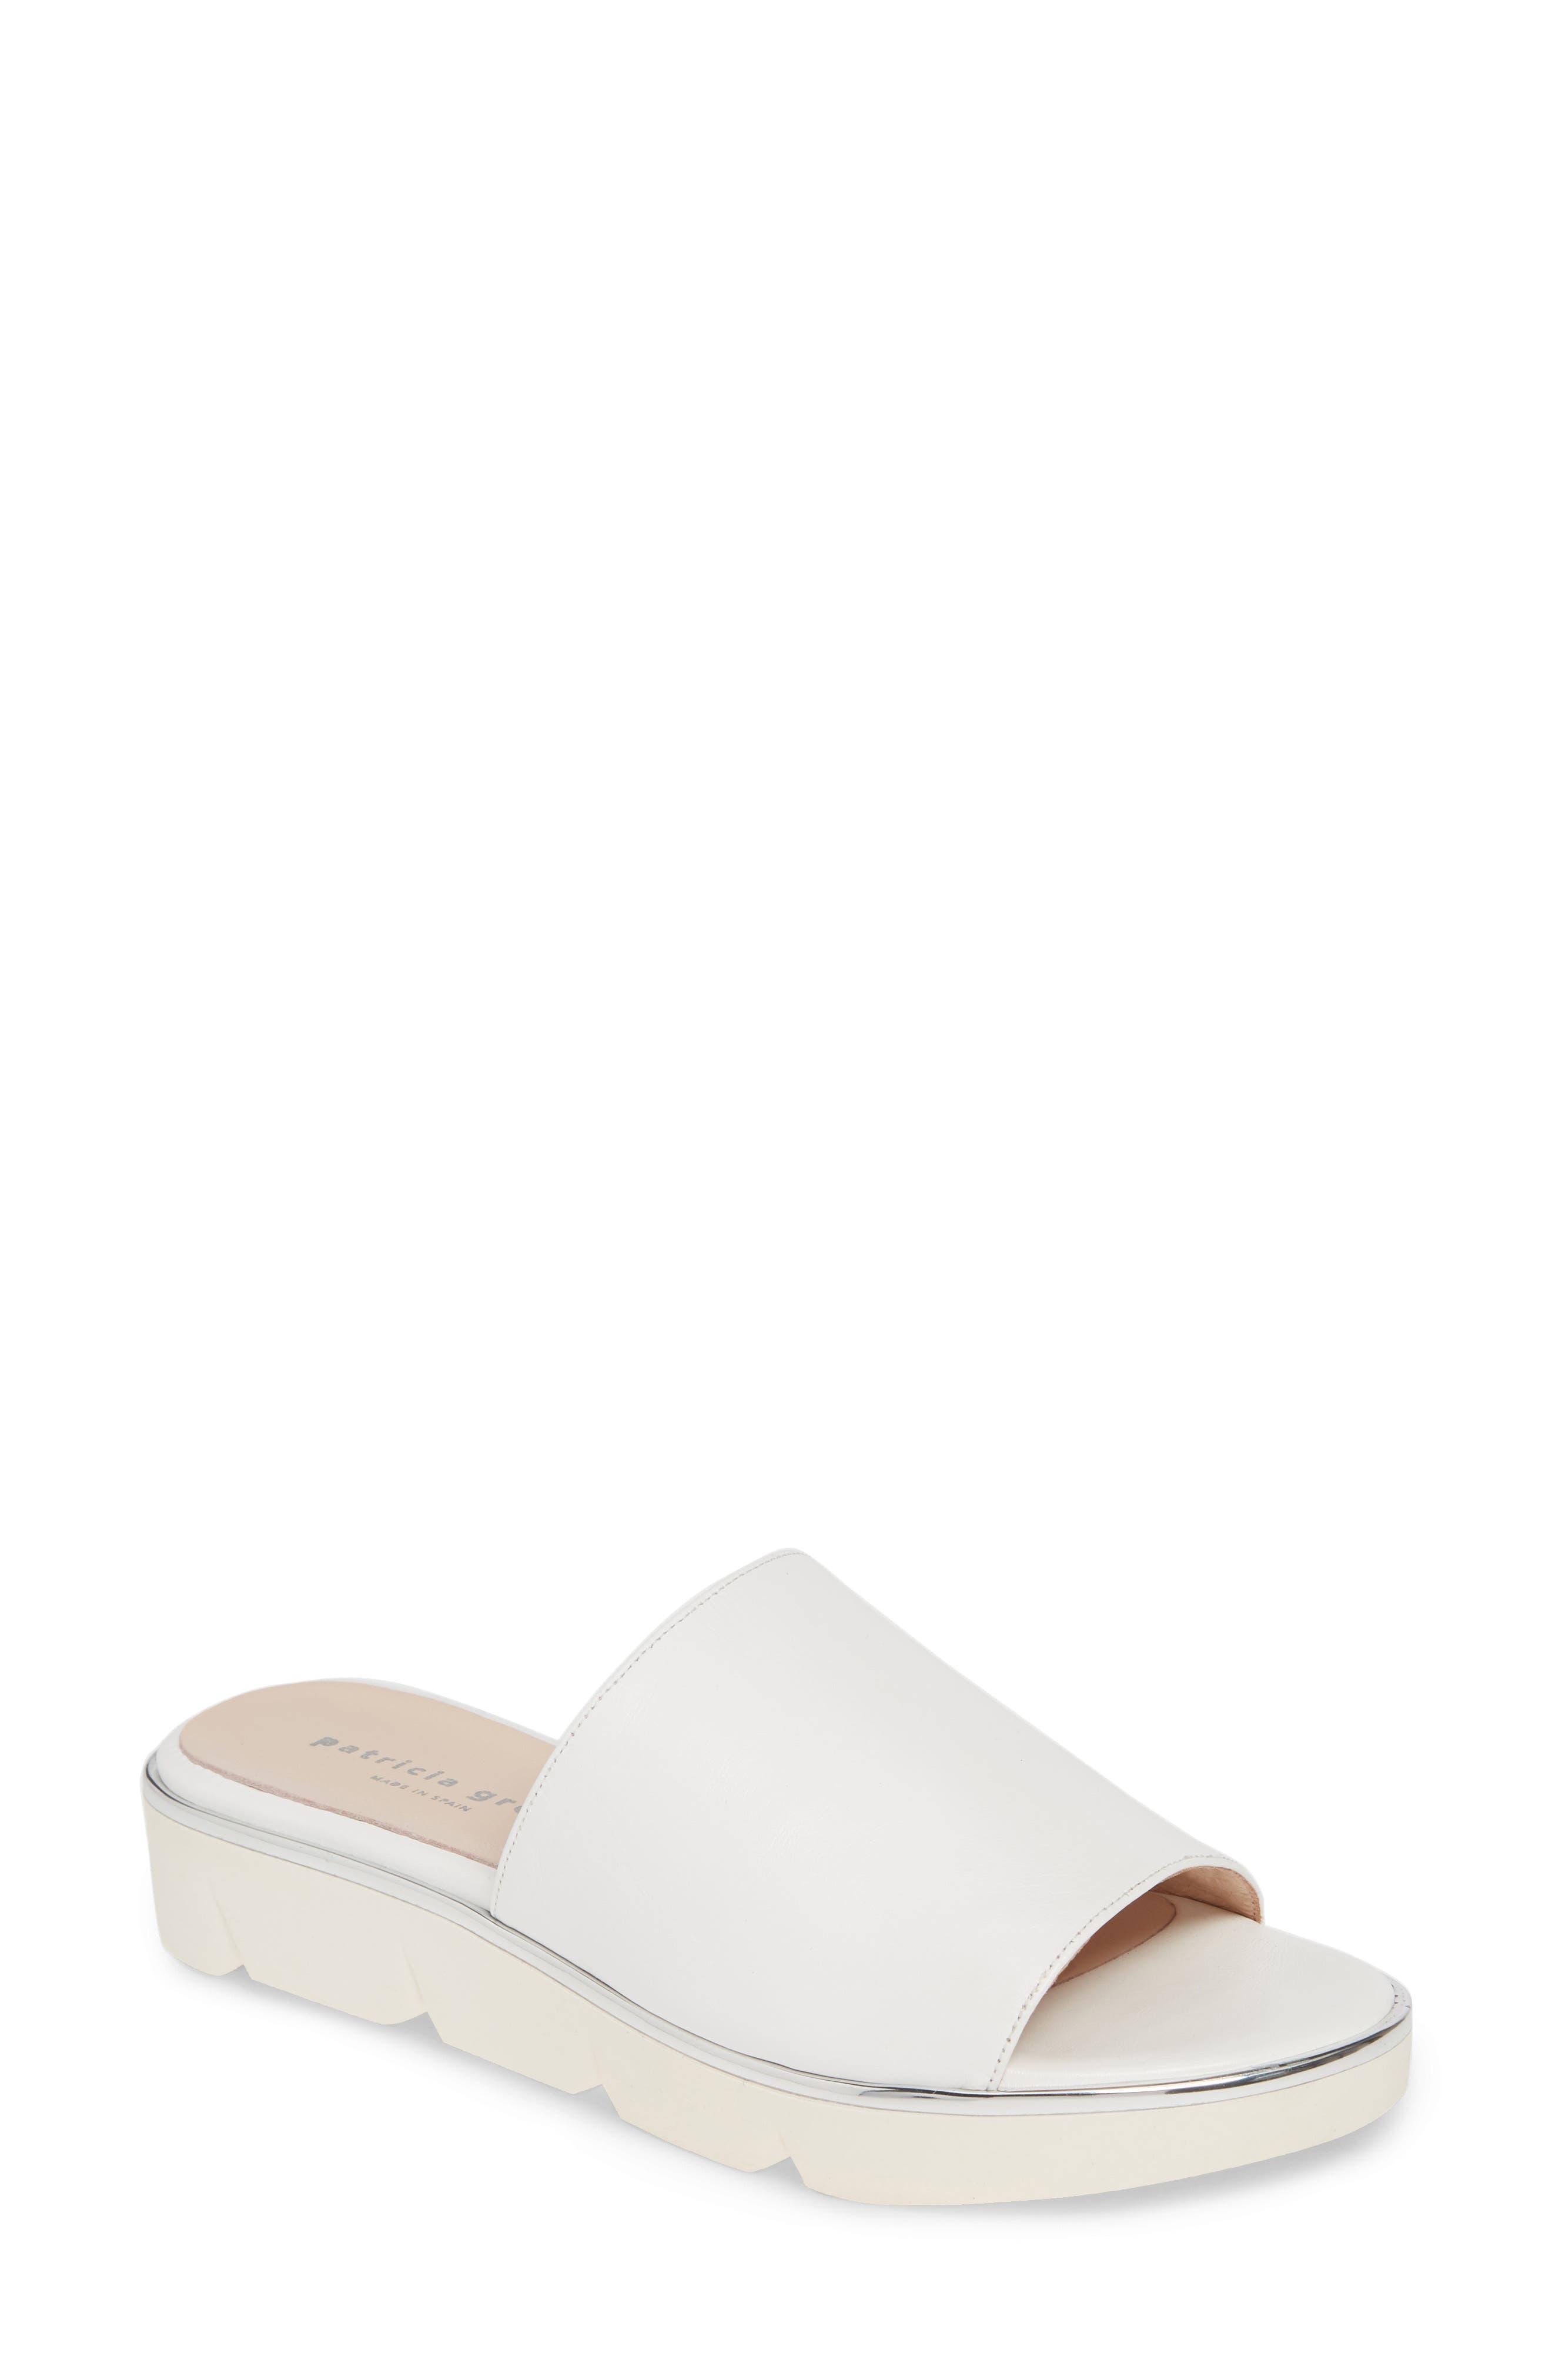 Patricia Green Callie Slide Sandal, White